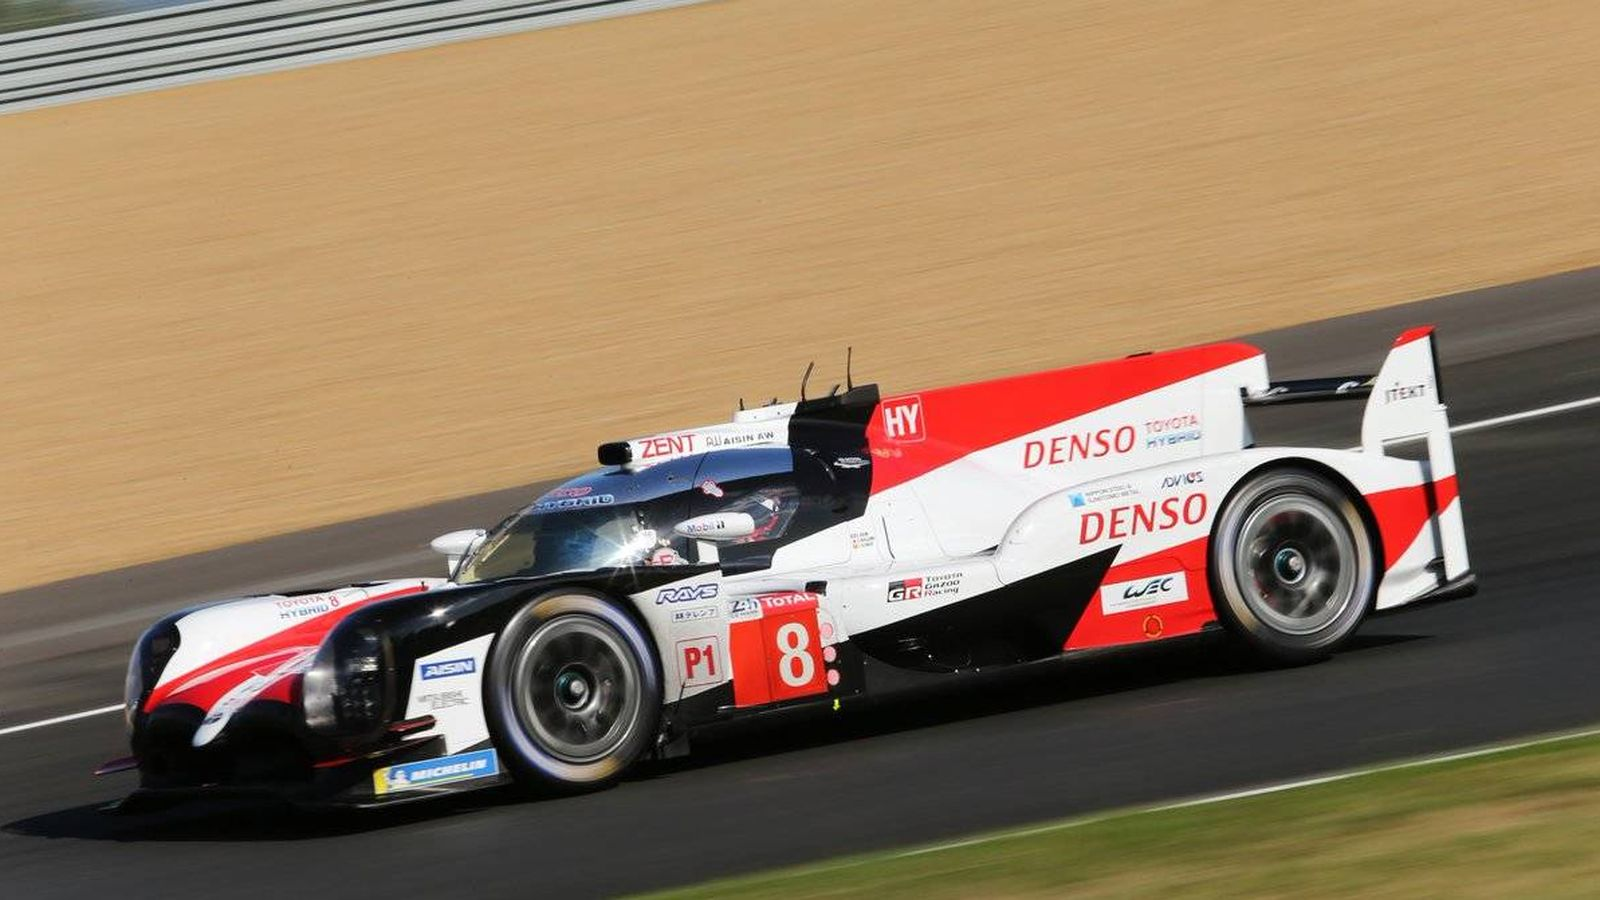 Foto: Buenas sensaciones de Toyota y de Alonso en esta primera sesión de clasificación (Twitter: @Toyota_Hybrid)